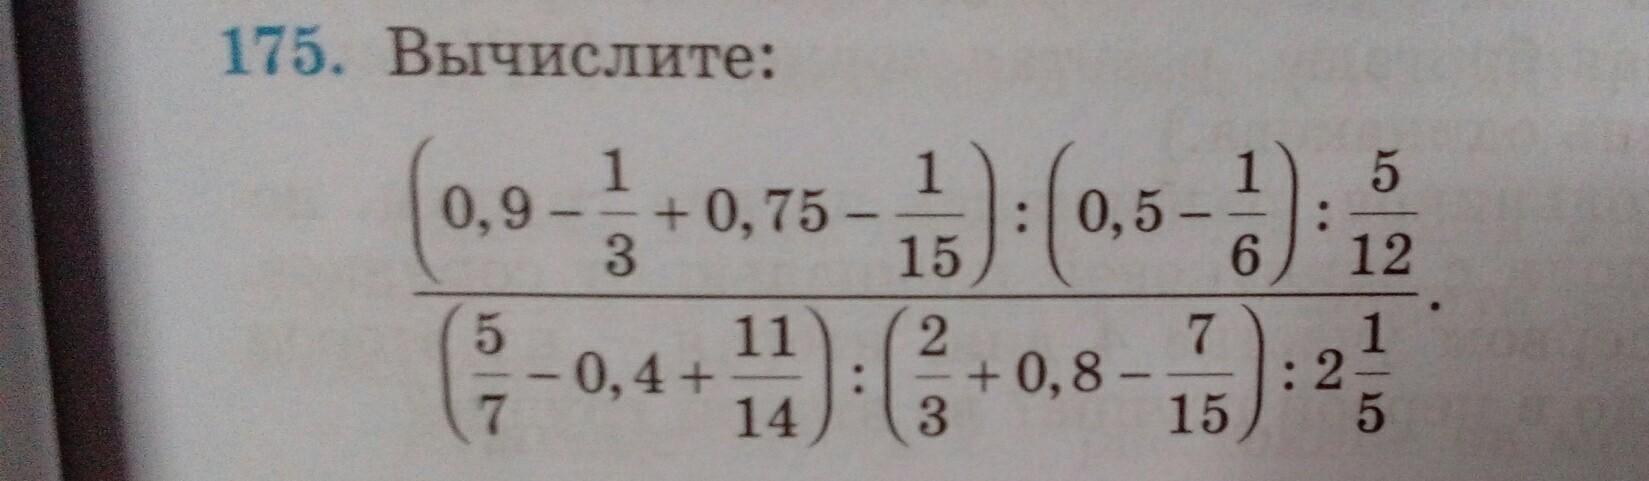 Вычислите Помогите мне пожалуйста